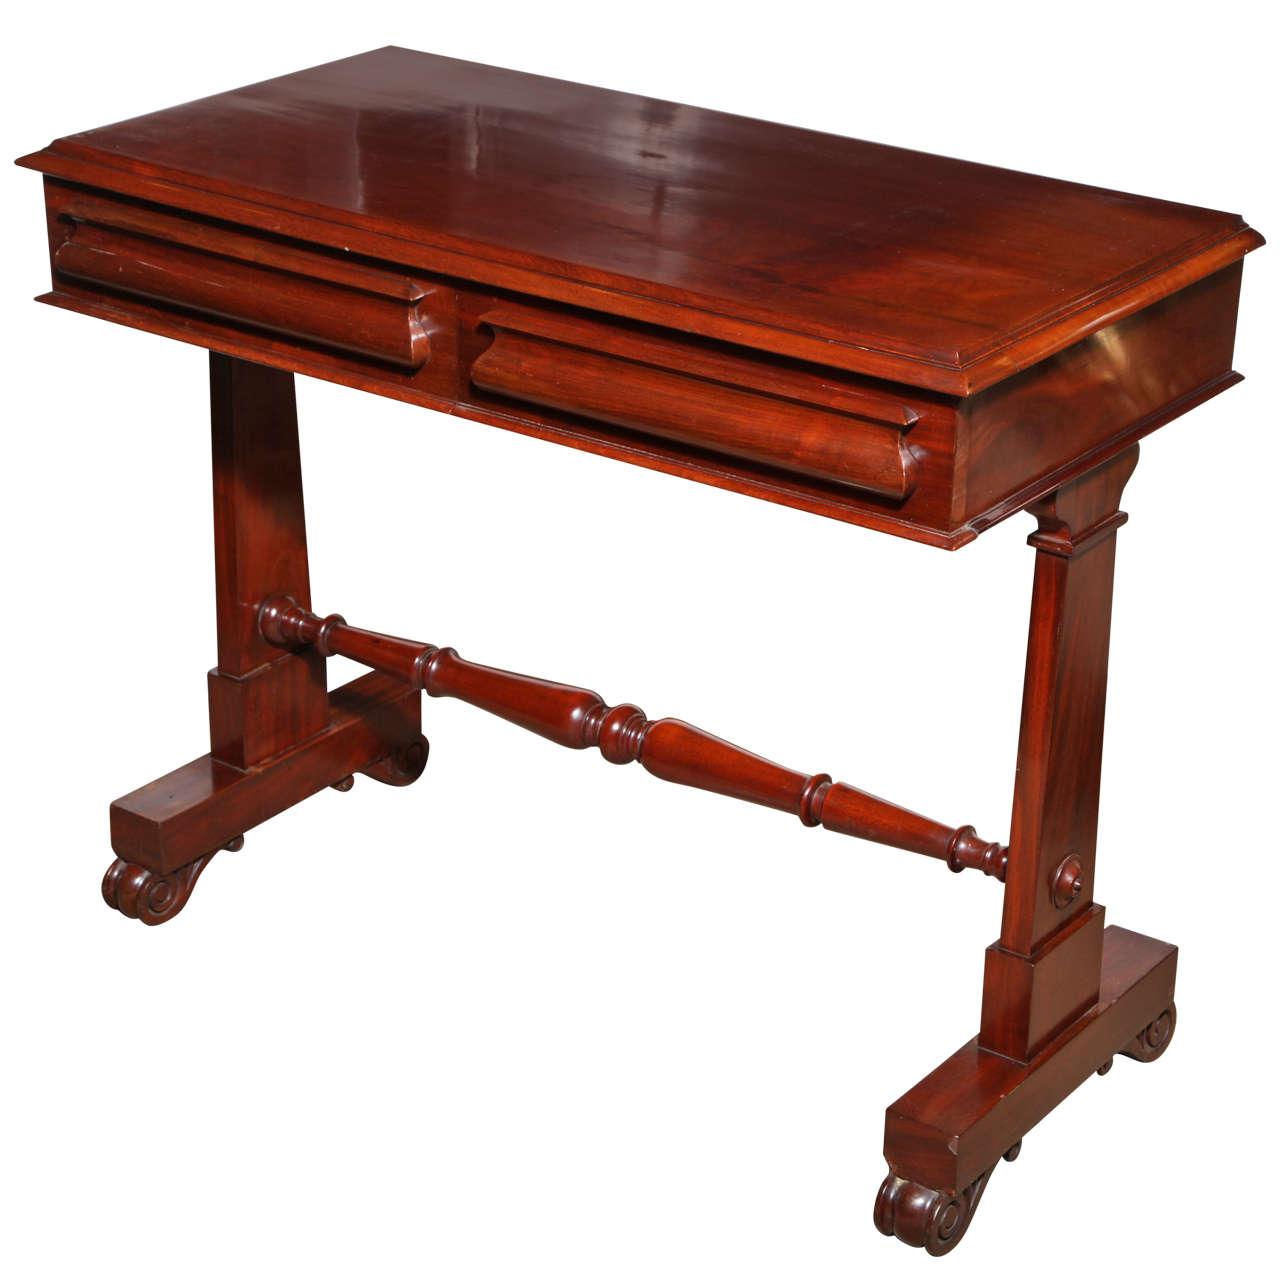 Mid 19th Century English, Mahogany Hall Table